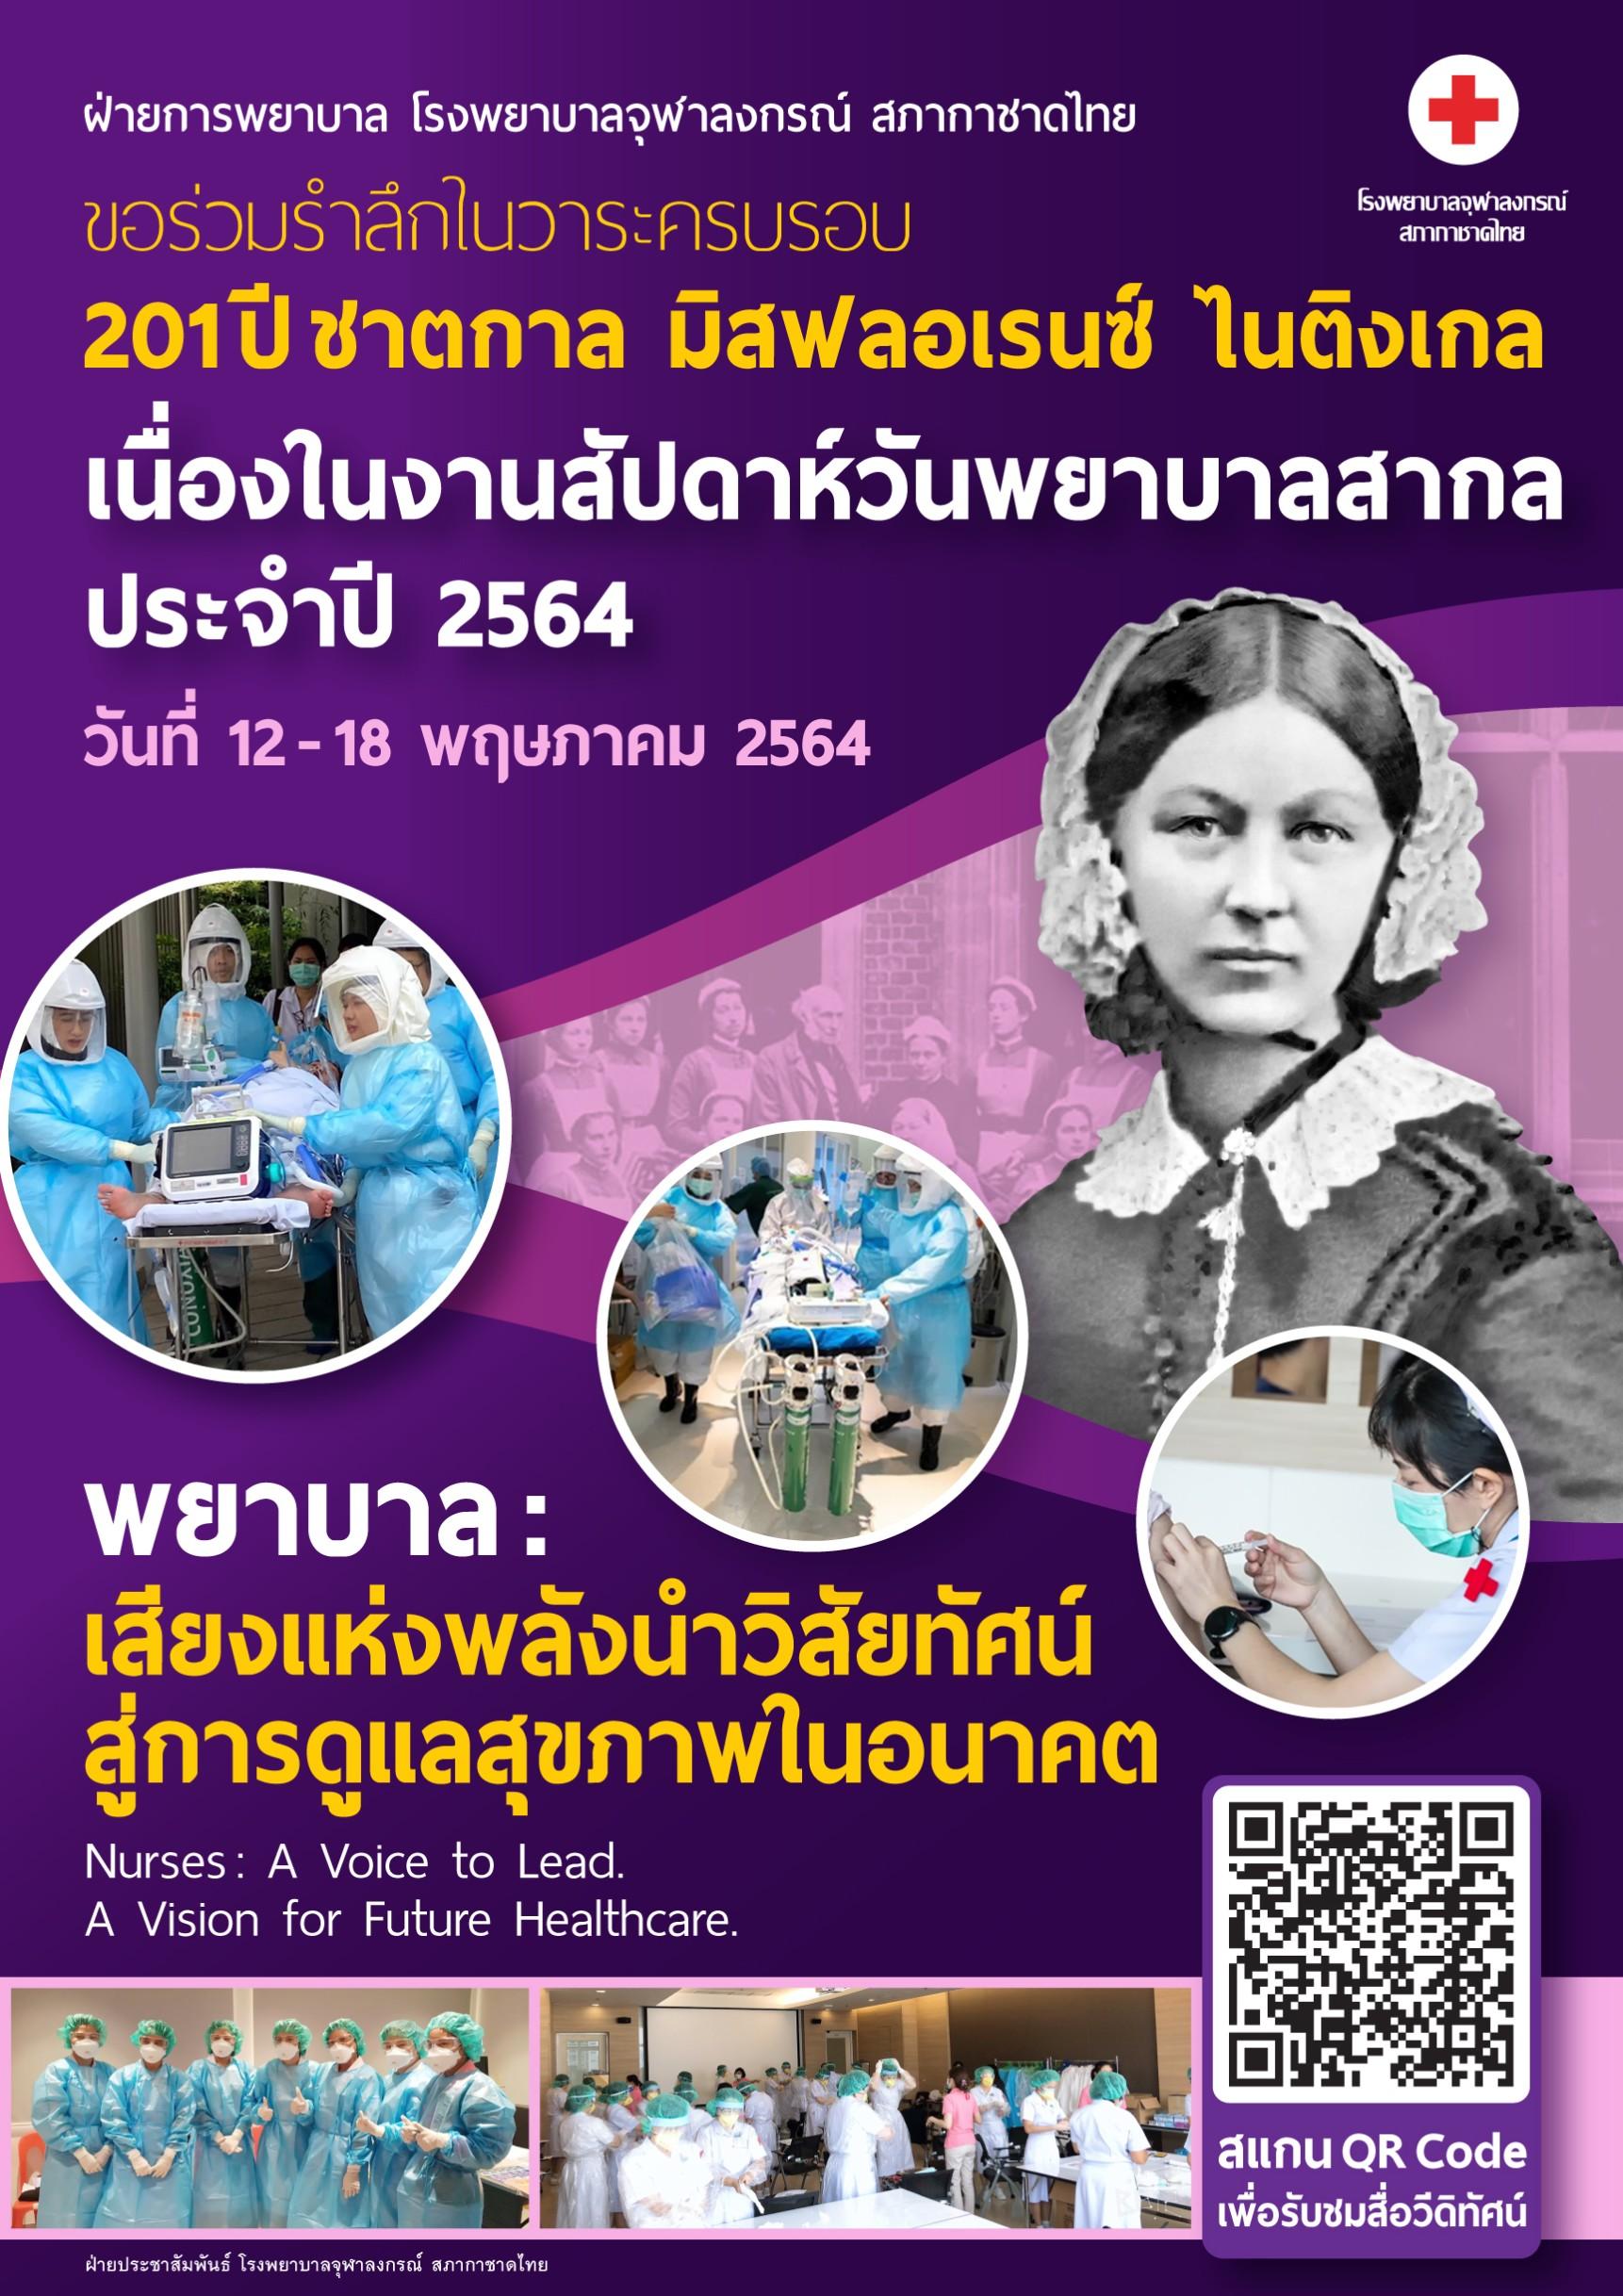 ขอร่วมรำลึกในวาระครบรอบ โรงพยาบาลจุฬาลงกรณ์ สภากาชาดไทย 201ปี ชาตกาล มิสฟลอเรนซ์ ไนติงเกล เนื่องในงานสัปดาห์วันพยาบาลสากล